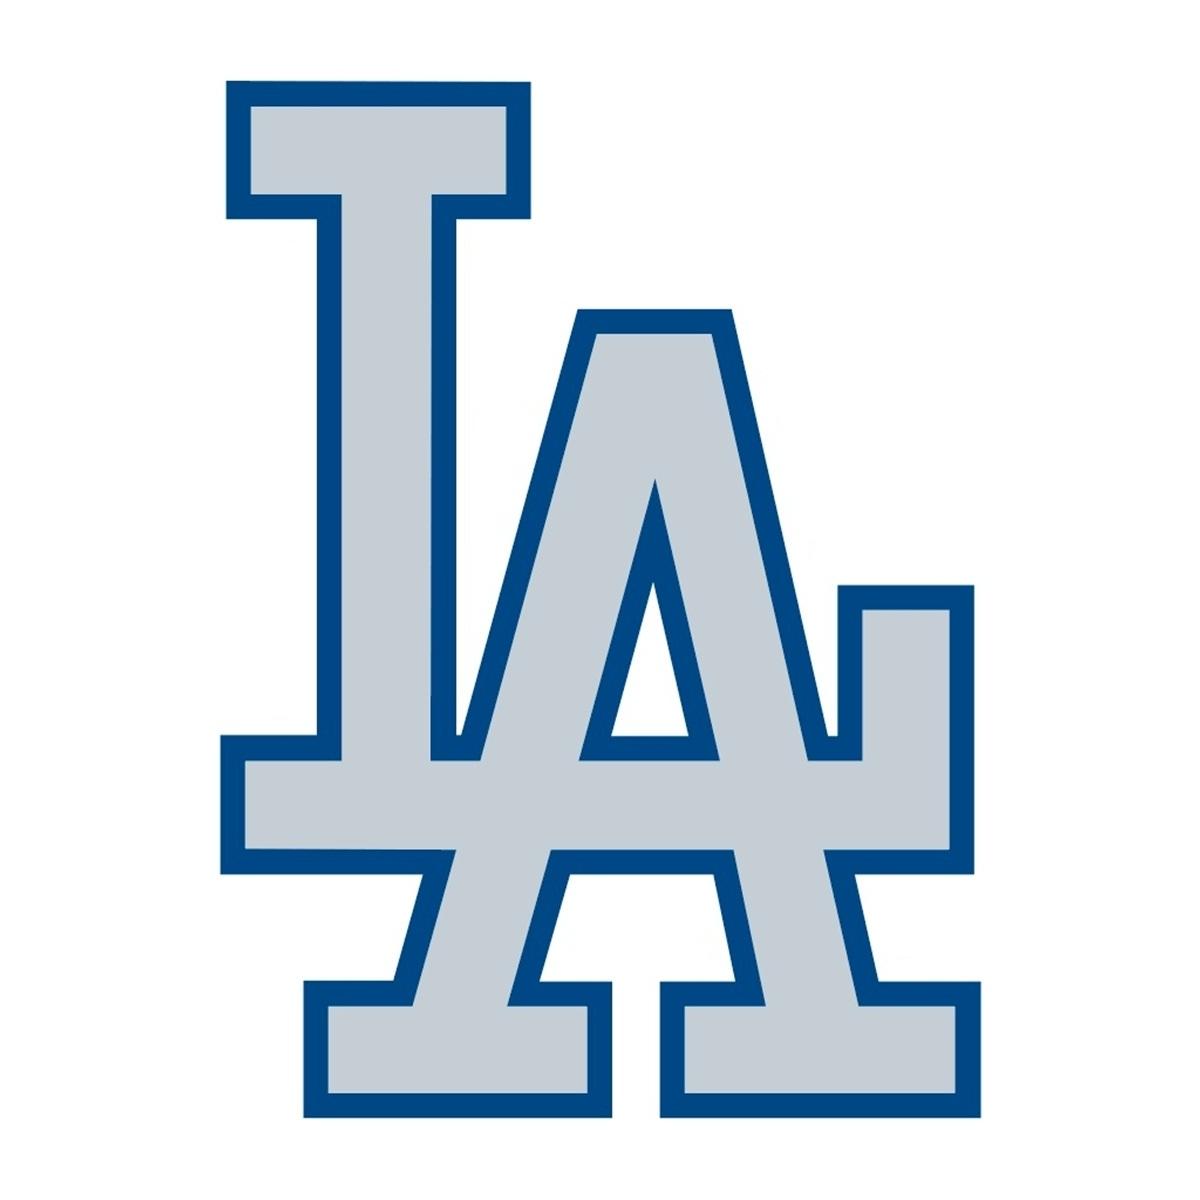 Los Angeles Dodgers o incluso si lo prefieres vdeos de Los 1200x1200